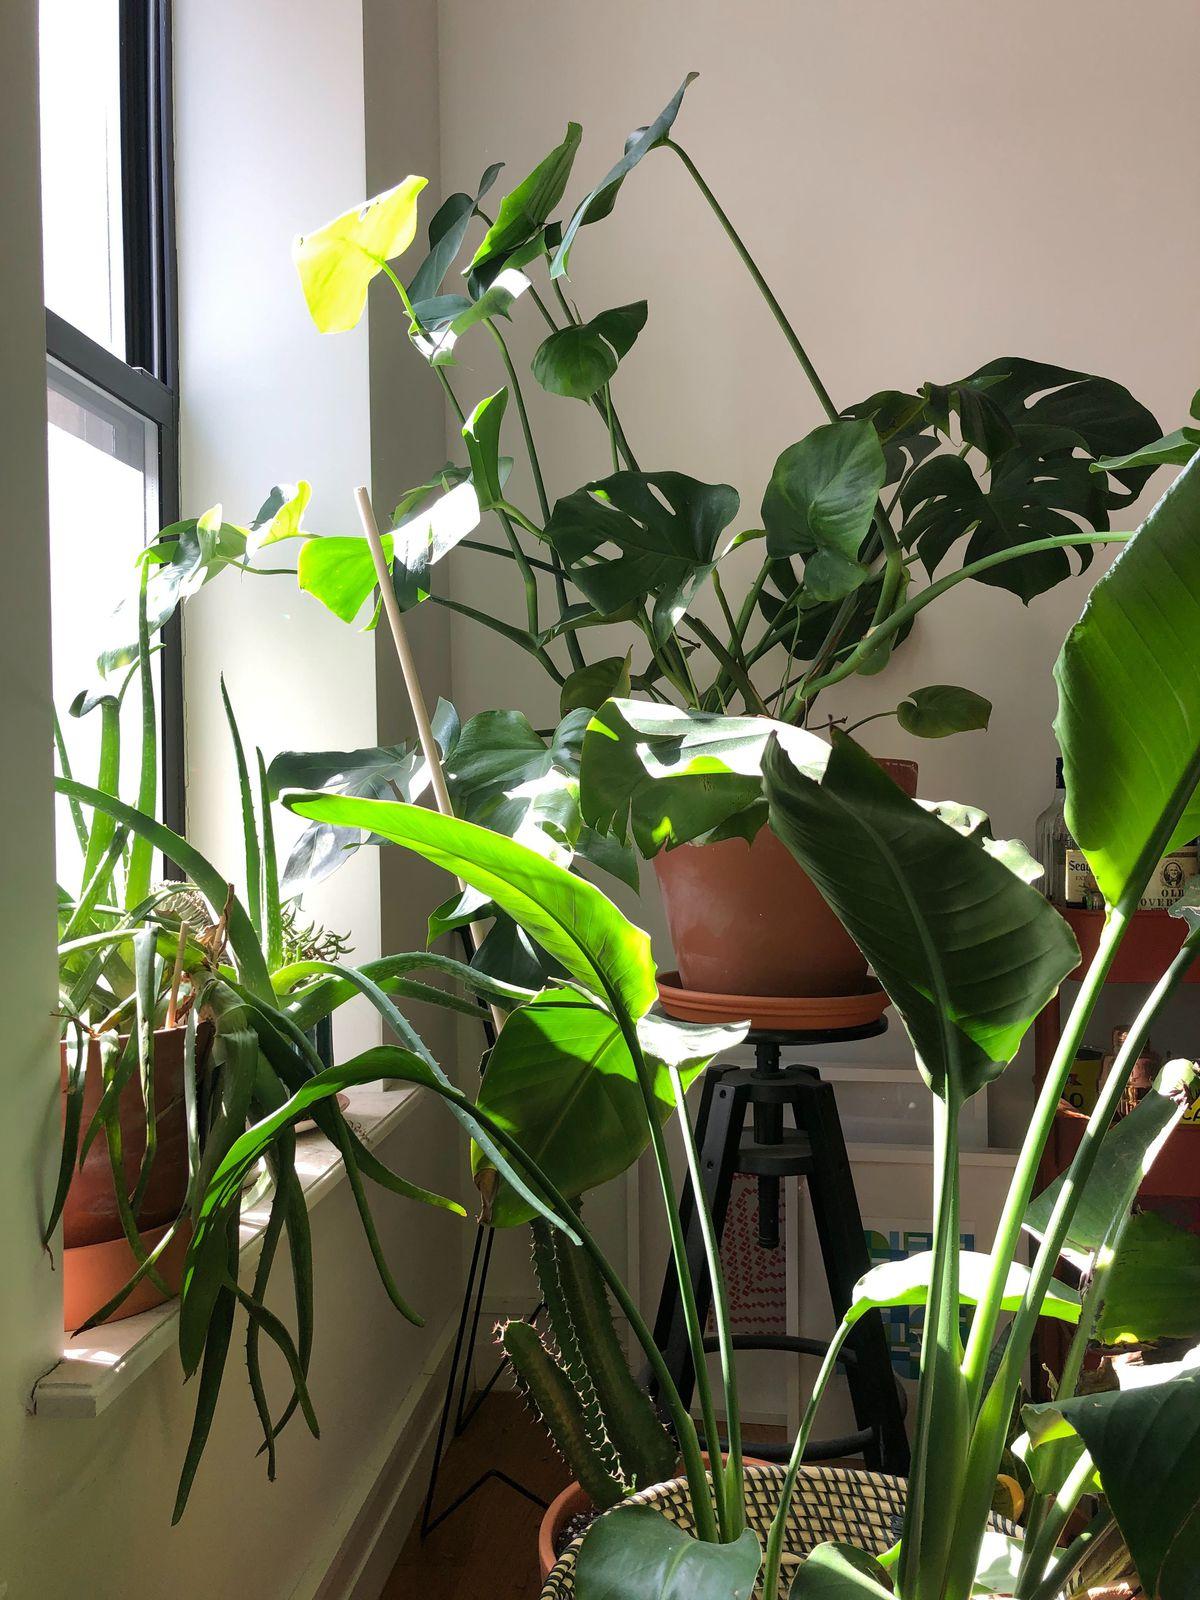 Plants near a window.